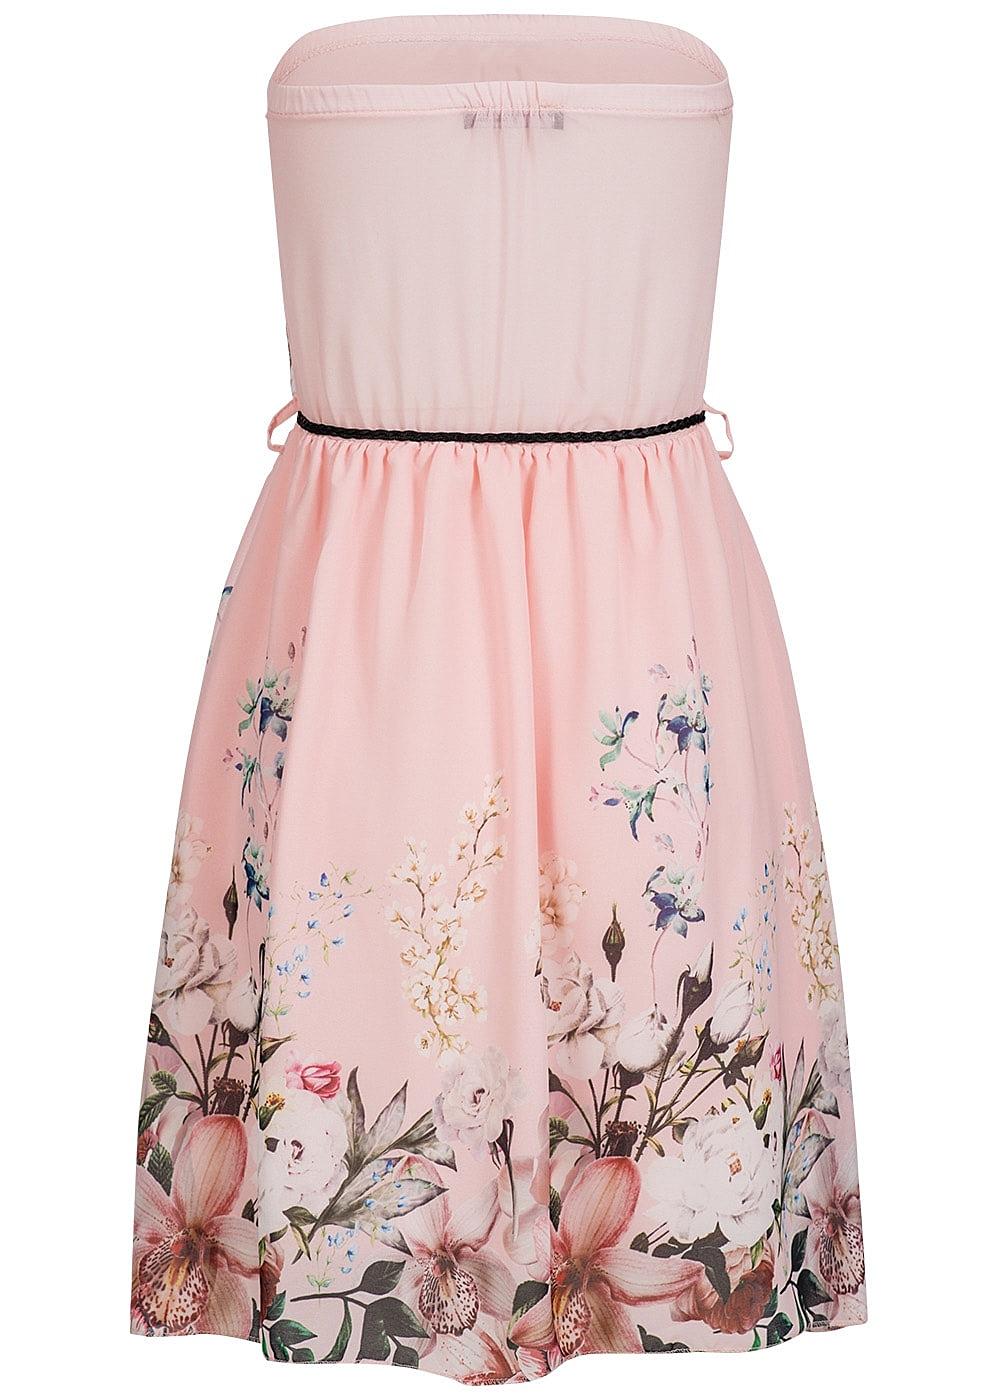 styleboom fashion damen mini bandeau kleid blumen muster kordel accessoires rosa 77onlineshop. Black Bedroom Furniture Sets. Home Design Ideas